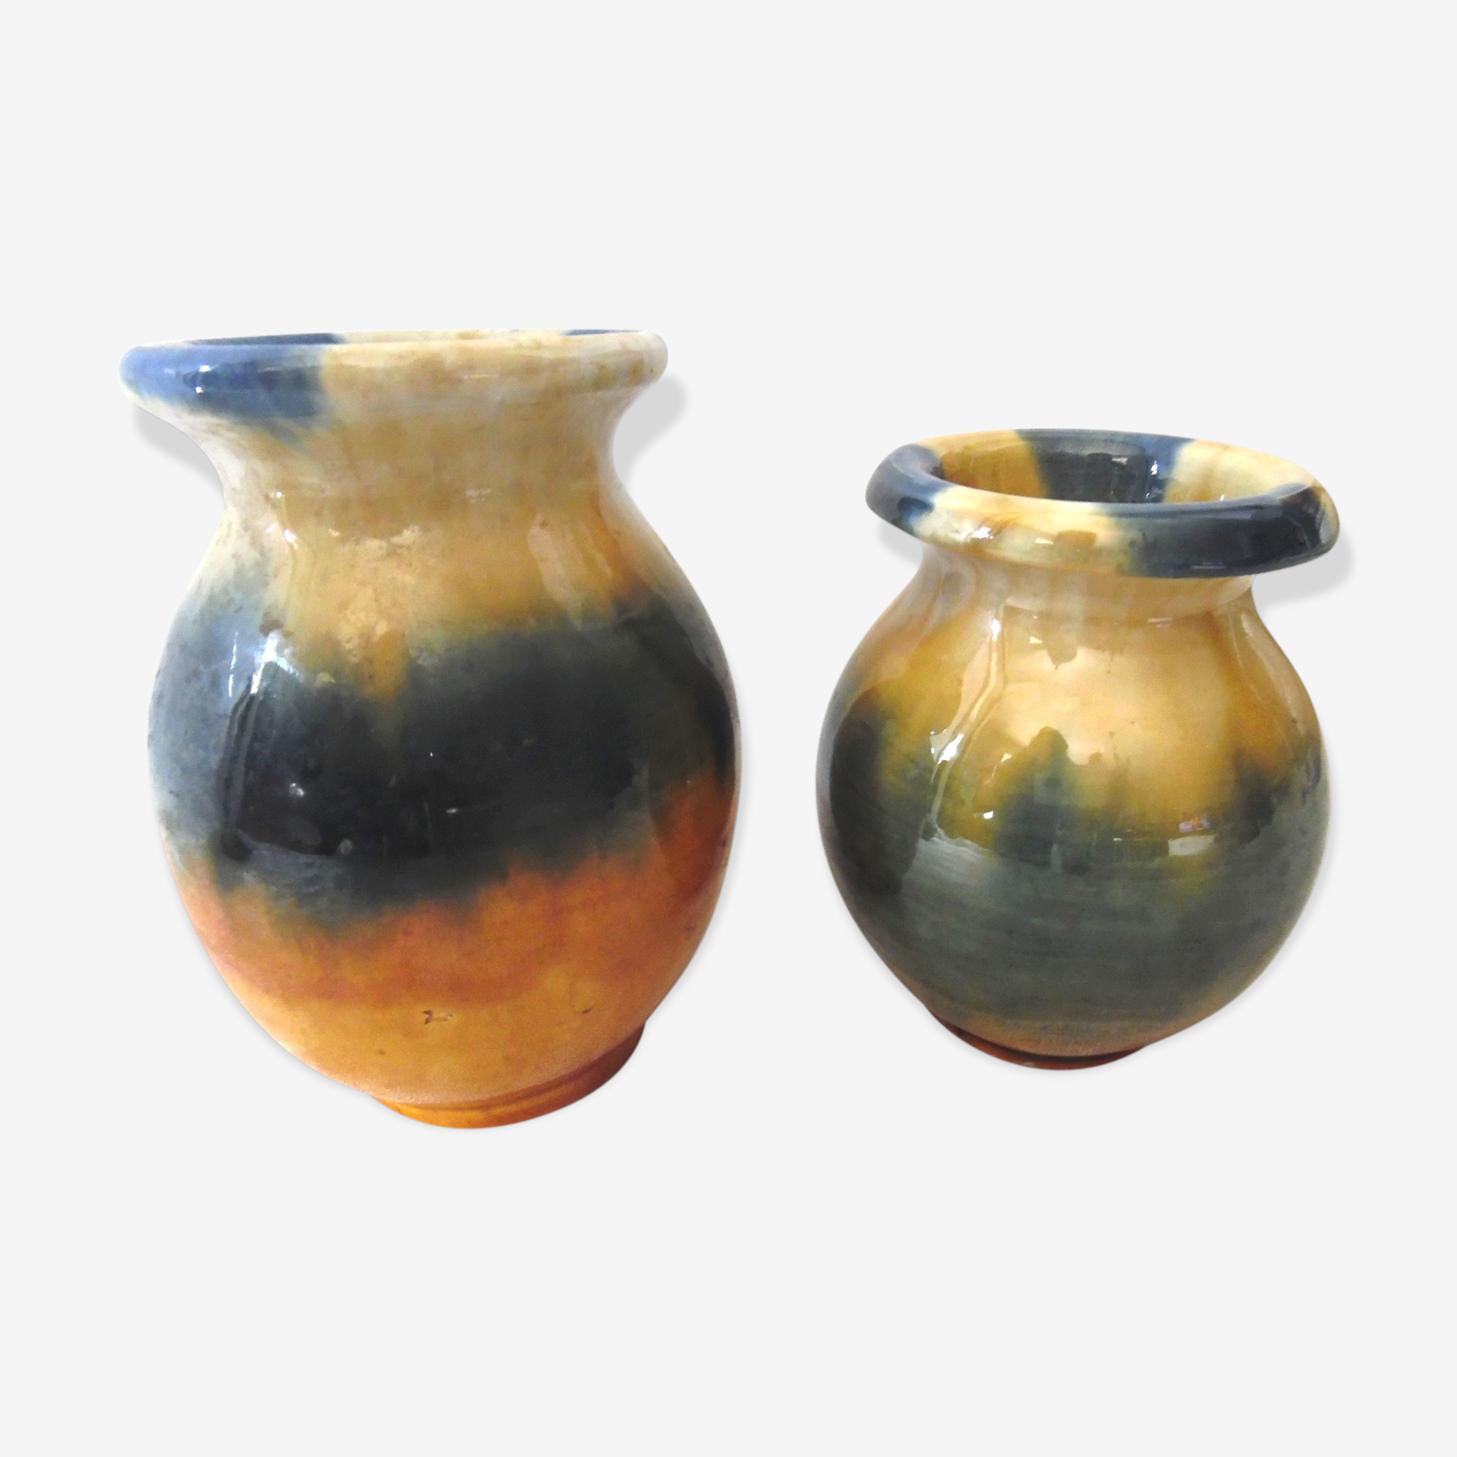 Two vases in ceramic of vallauris